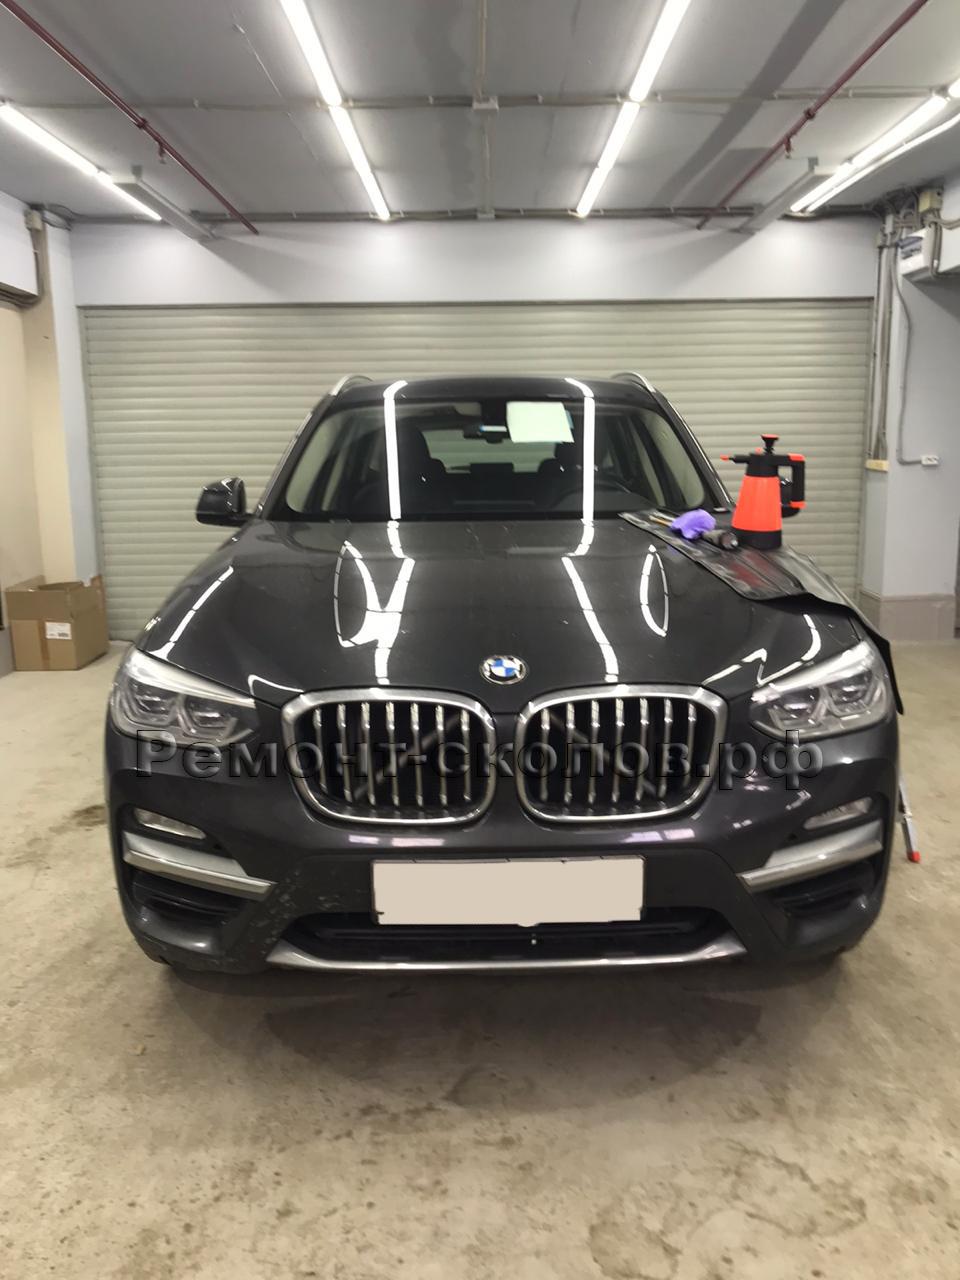 Ремонт трещины и скола на лобовом стекле BMW в ЮЗАО